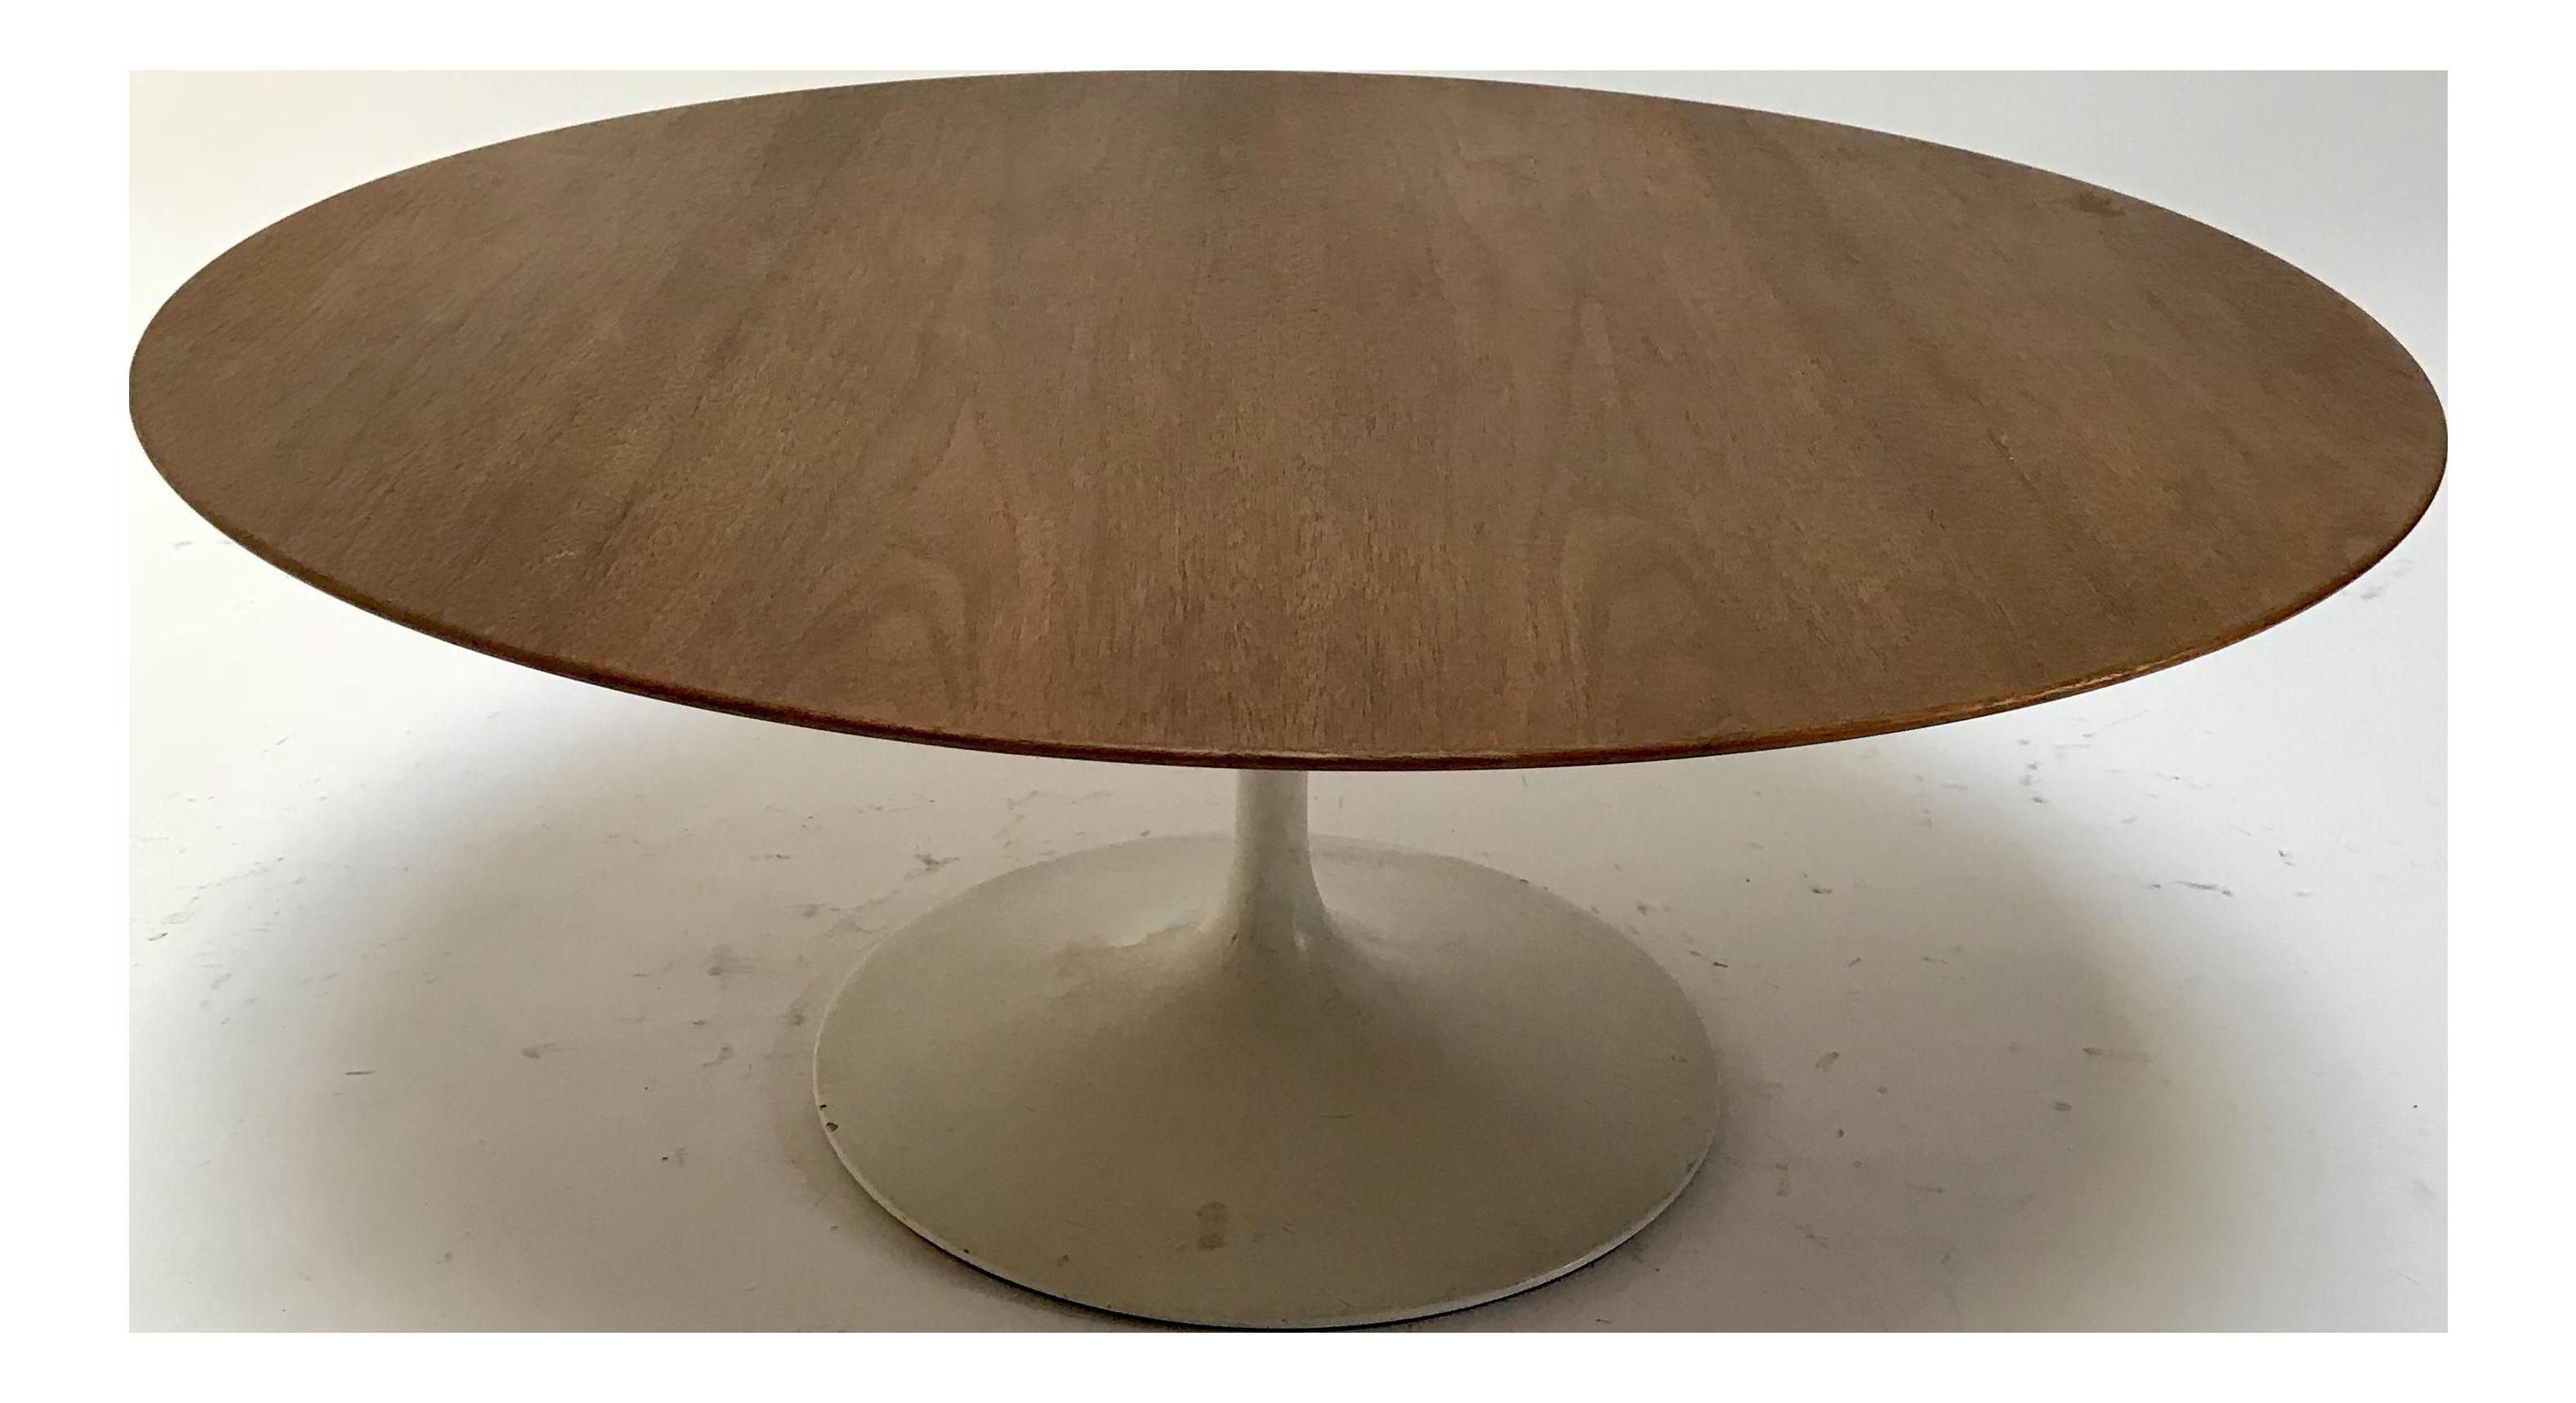 Vintage Knoll Tulip Coffee Table